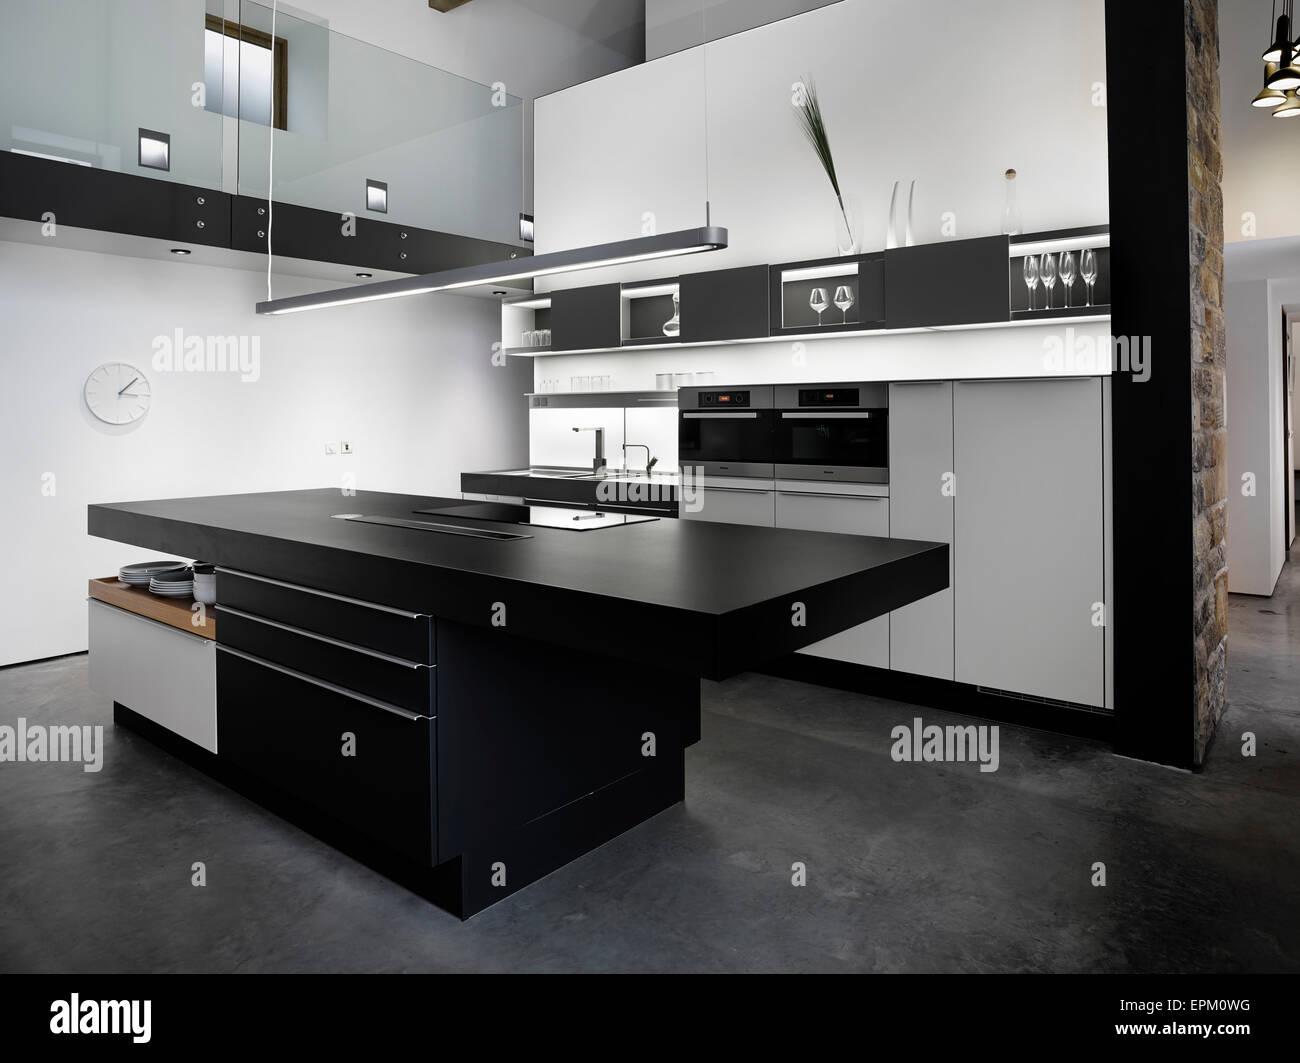 Niedlich Moderne Küche Inseln Uk Fotos - Ideen Für Die Küche ...